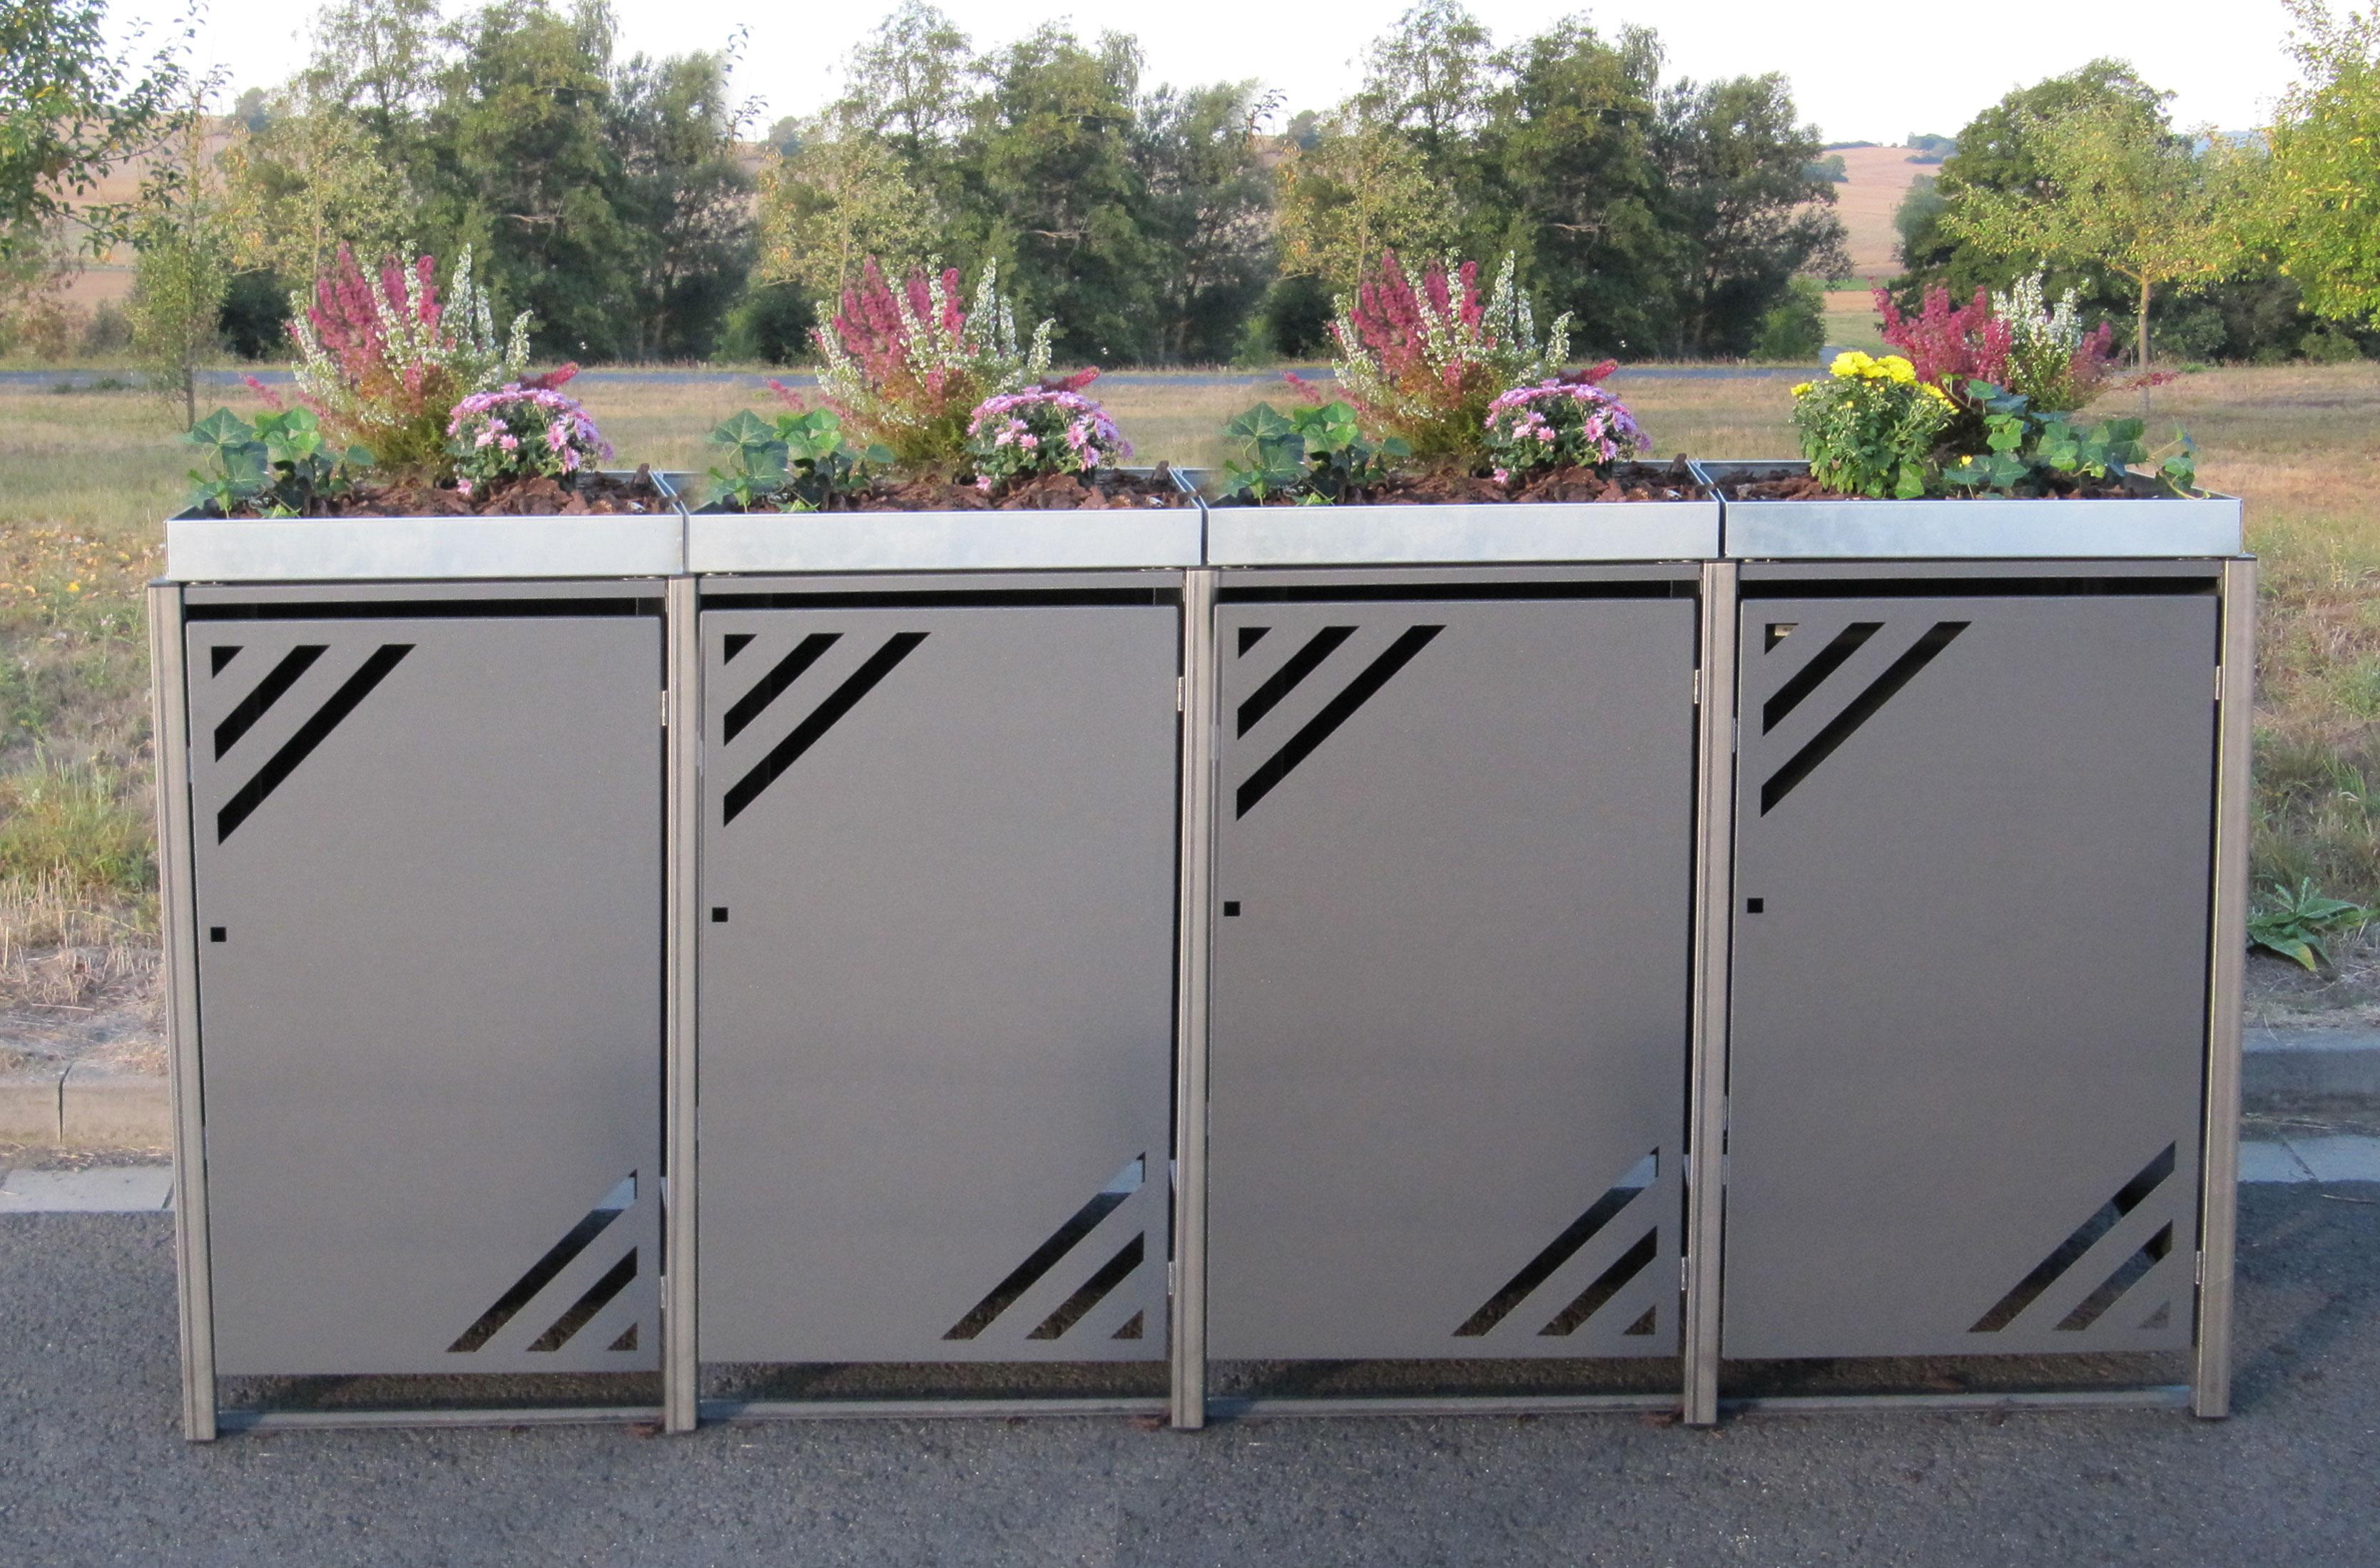 mülltonnenbox für 4 mülltonnen mit pflanzwanne grau / edelstahl